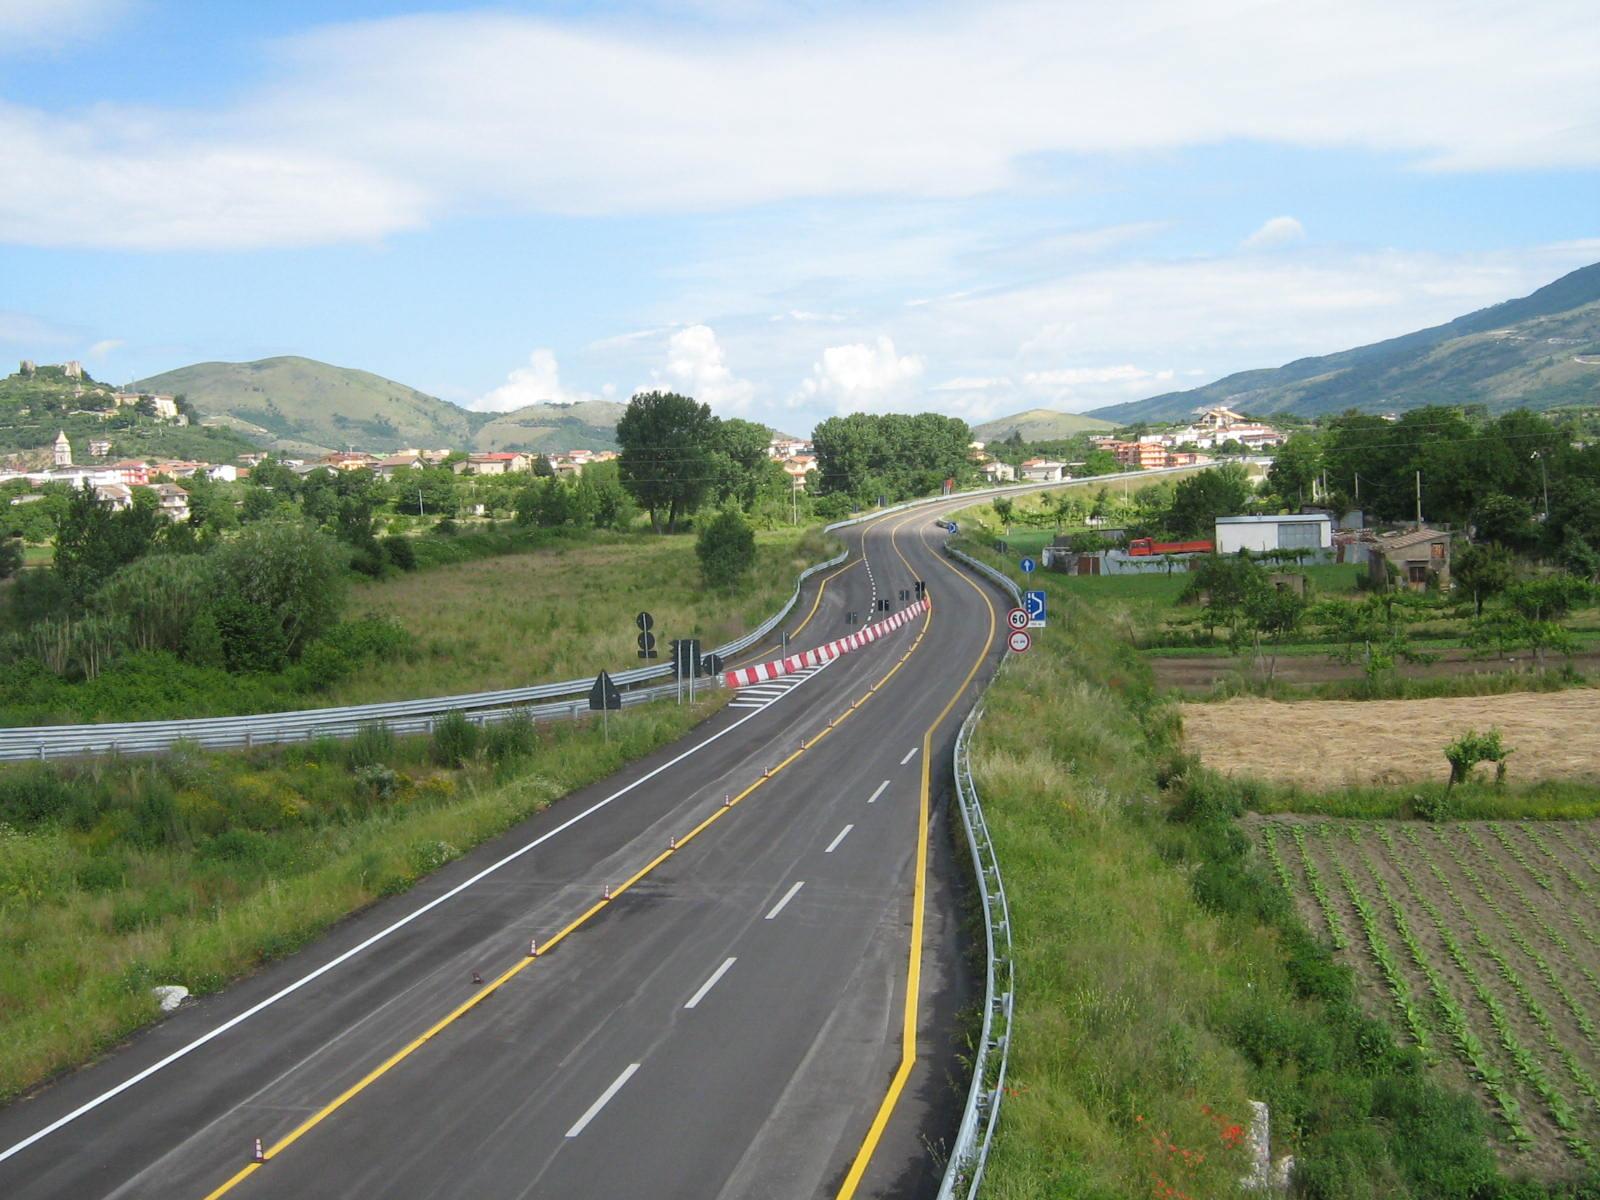 Fondo Valle Isclero